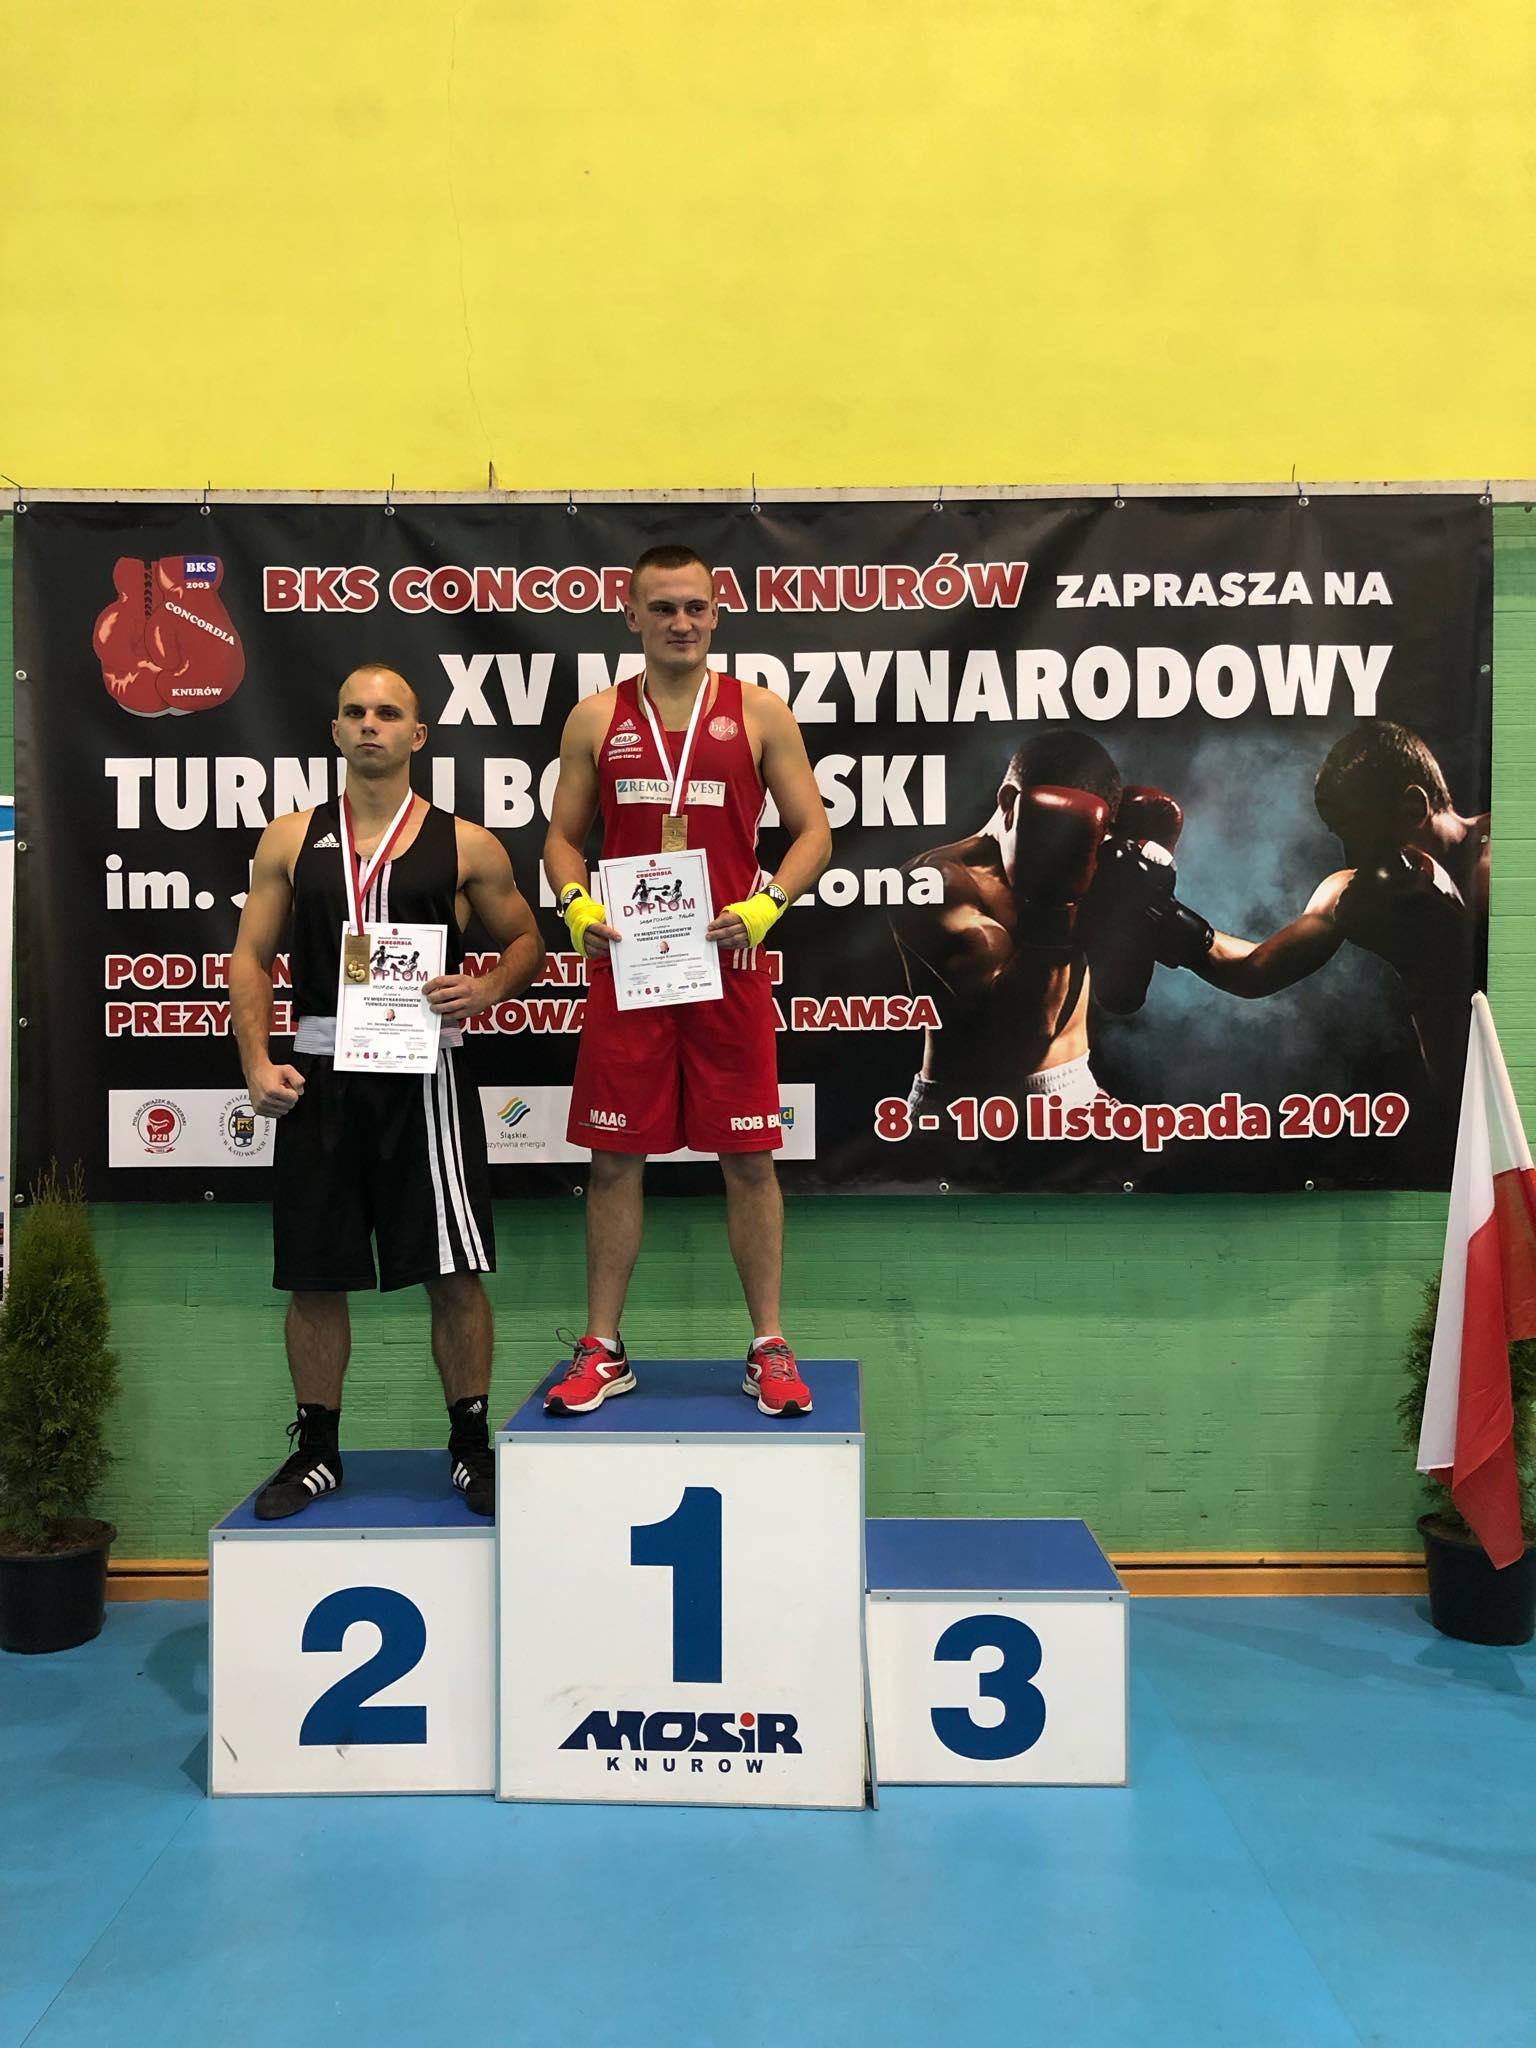 Wiktor Czopek zajął drugie miejsce w prestiżowym turnieju bokserskim w Knurowie. Fot. nadesłane